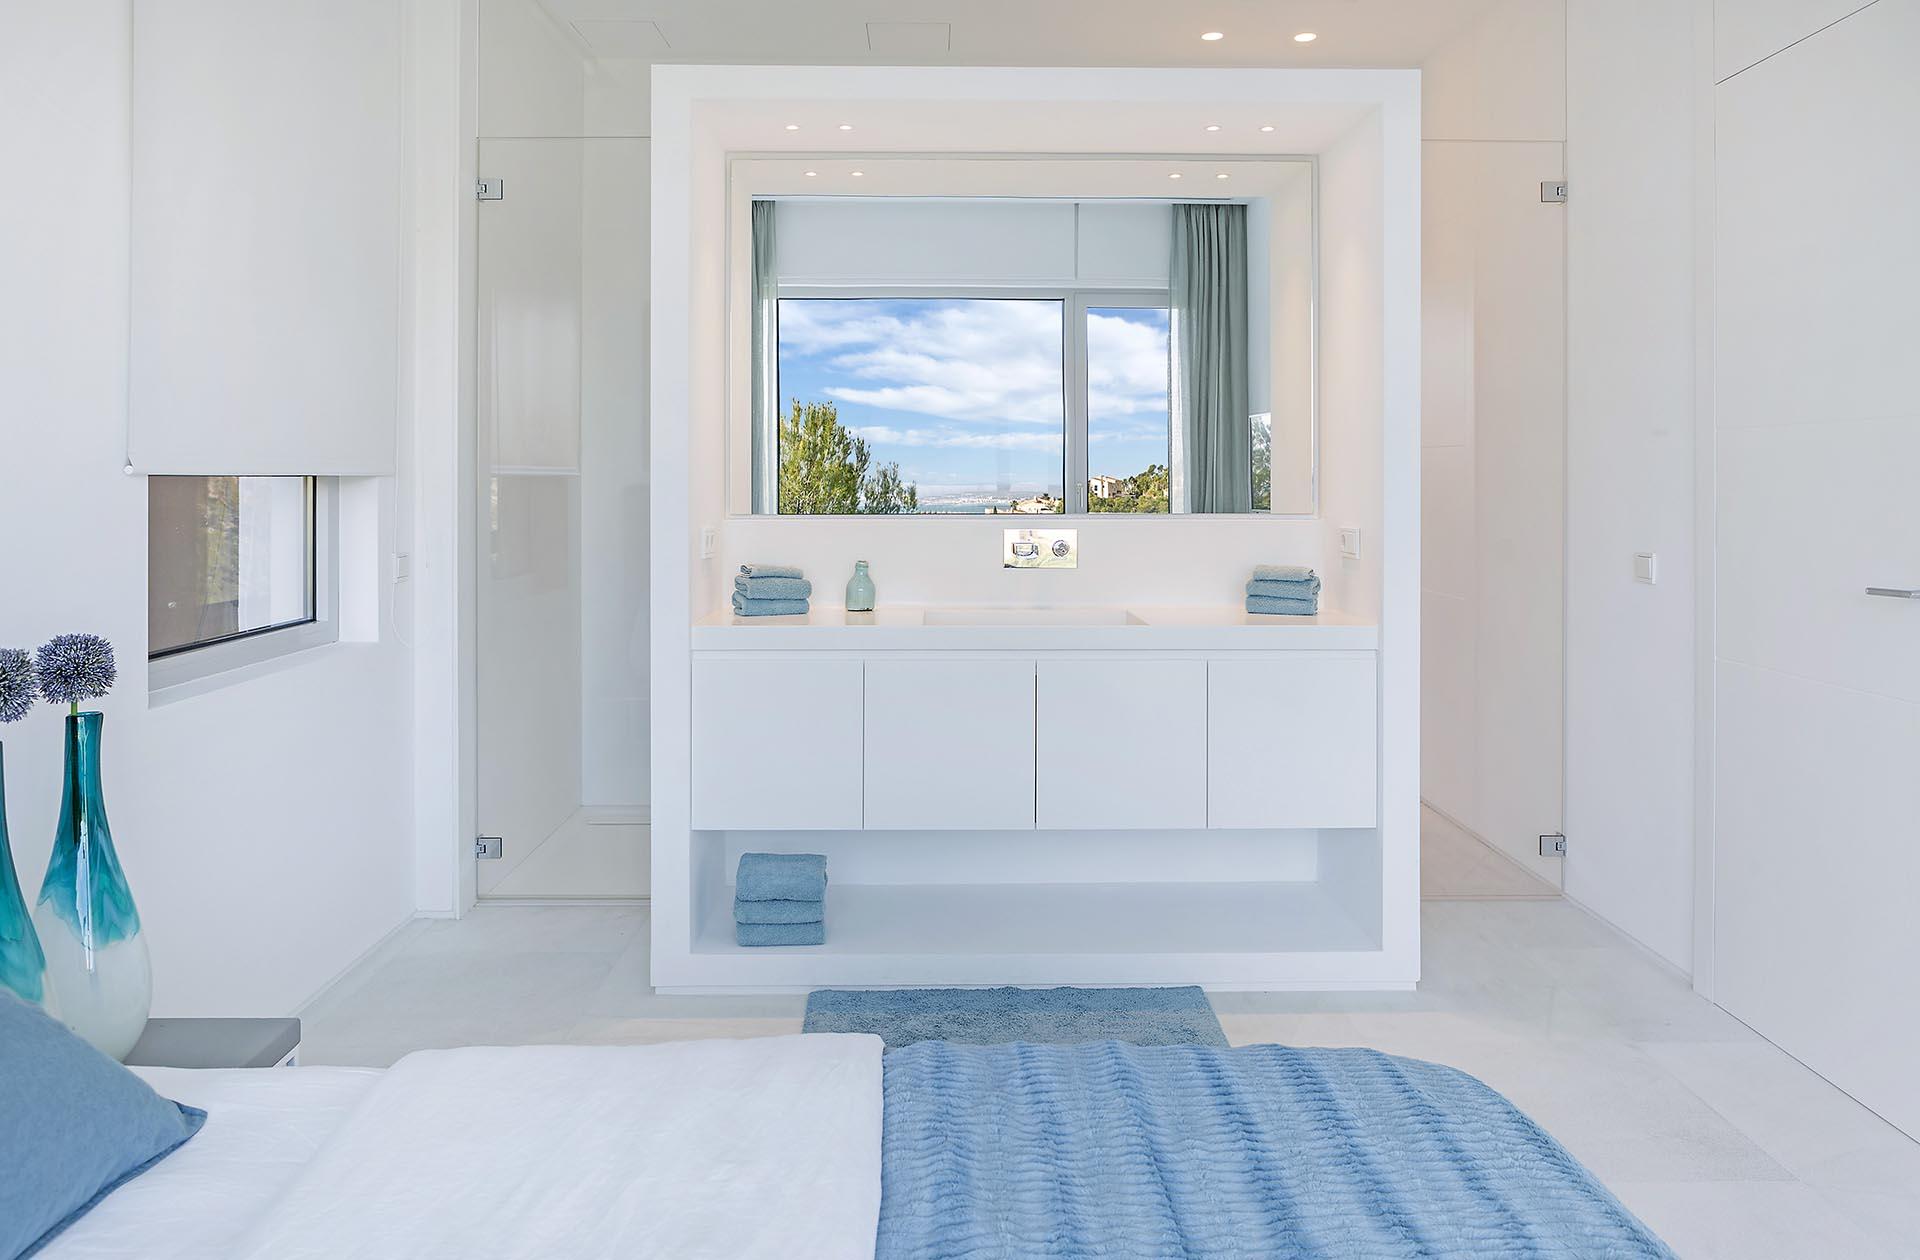 Traumhafte moderne Villa in Costa den Blanes - Badbereich im Schlafzimmer